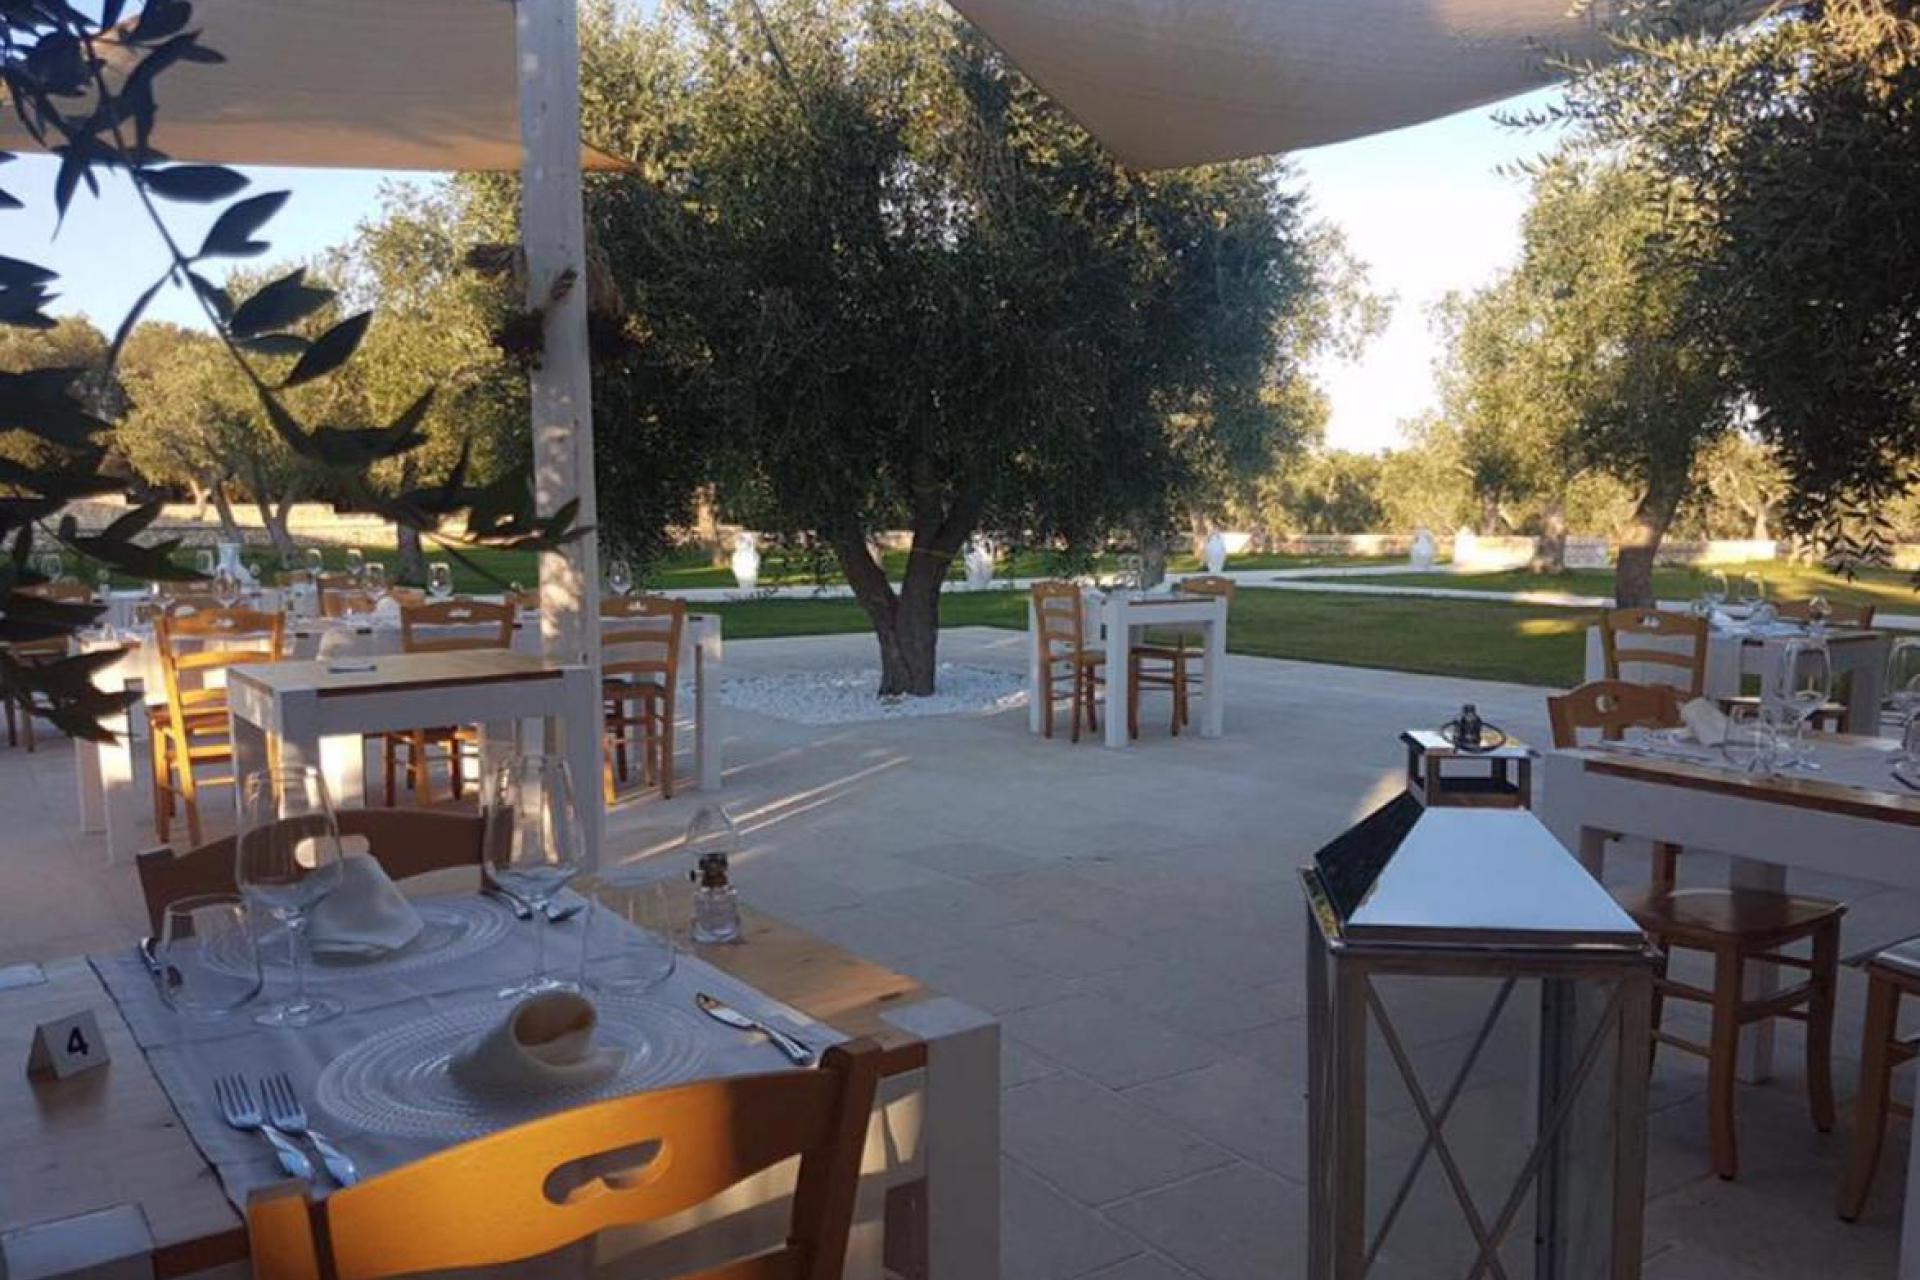 Agriturismo Puglia Luxe Agriturismo met Pugliese gastvrijheid